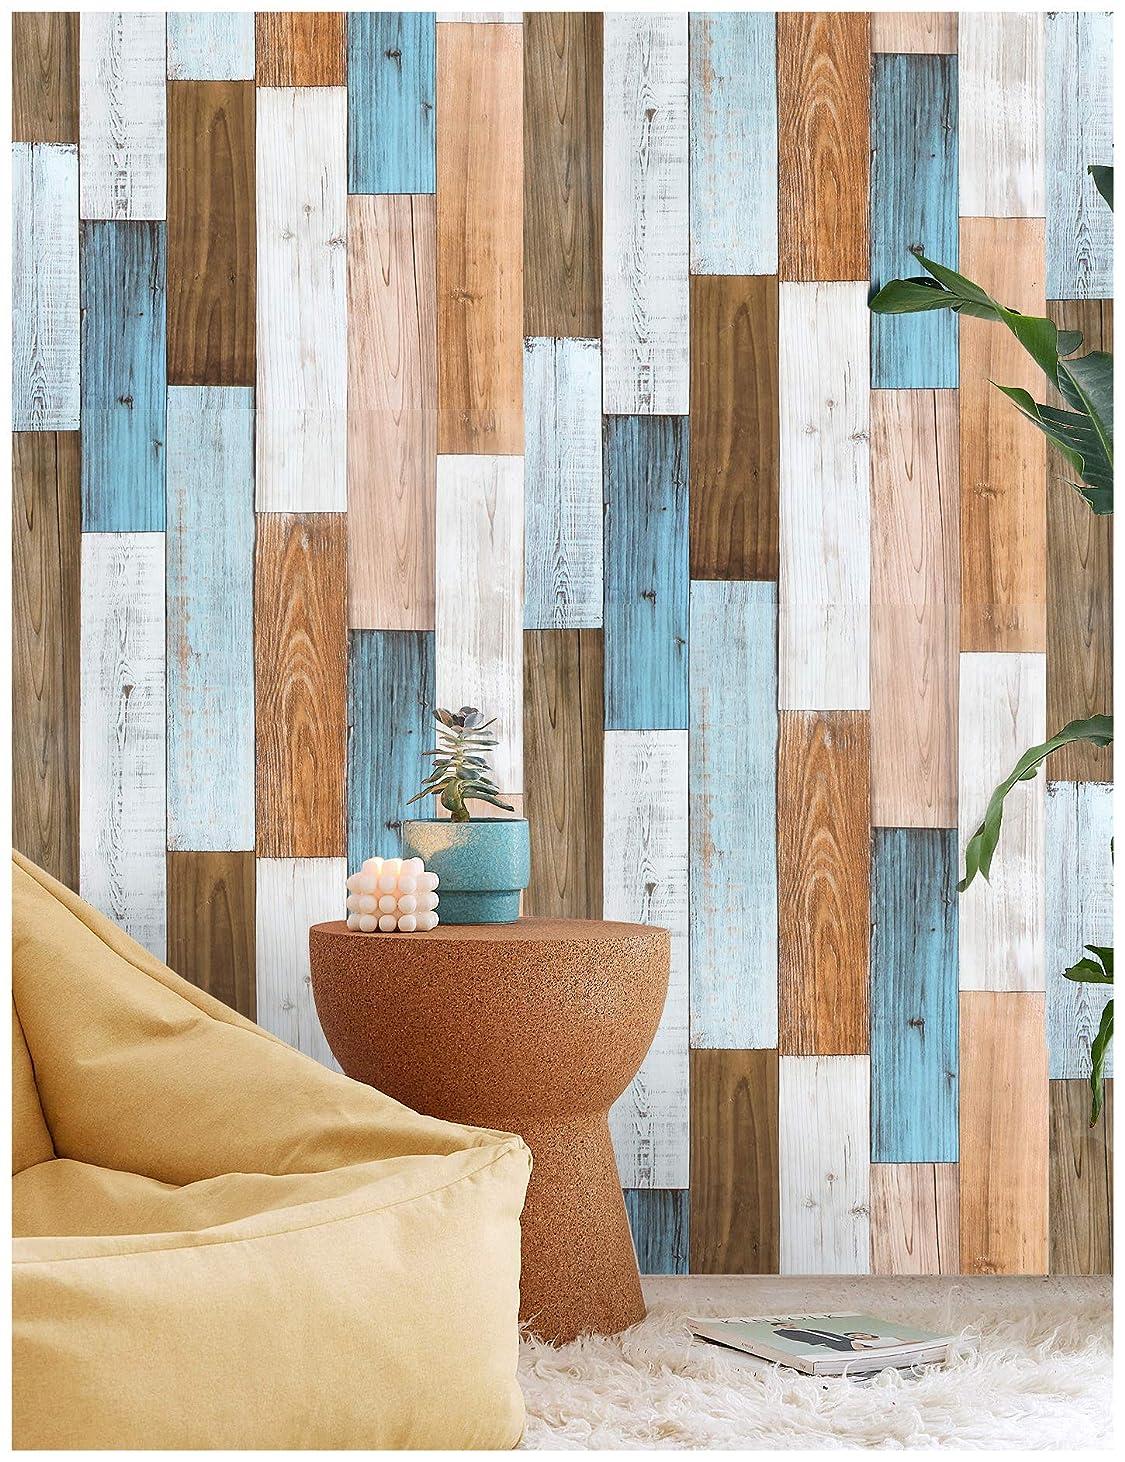 モザイク変わる達成可能HAOKHOME 92057 厚い 壁紙 木目 シール はがせる壁紙 剥 はがせる 多色 自己 接着 壁 紙 浴室 寝室 家 装飾 壁紙屋本舗 0.45cm x 3m